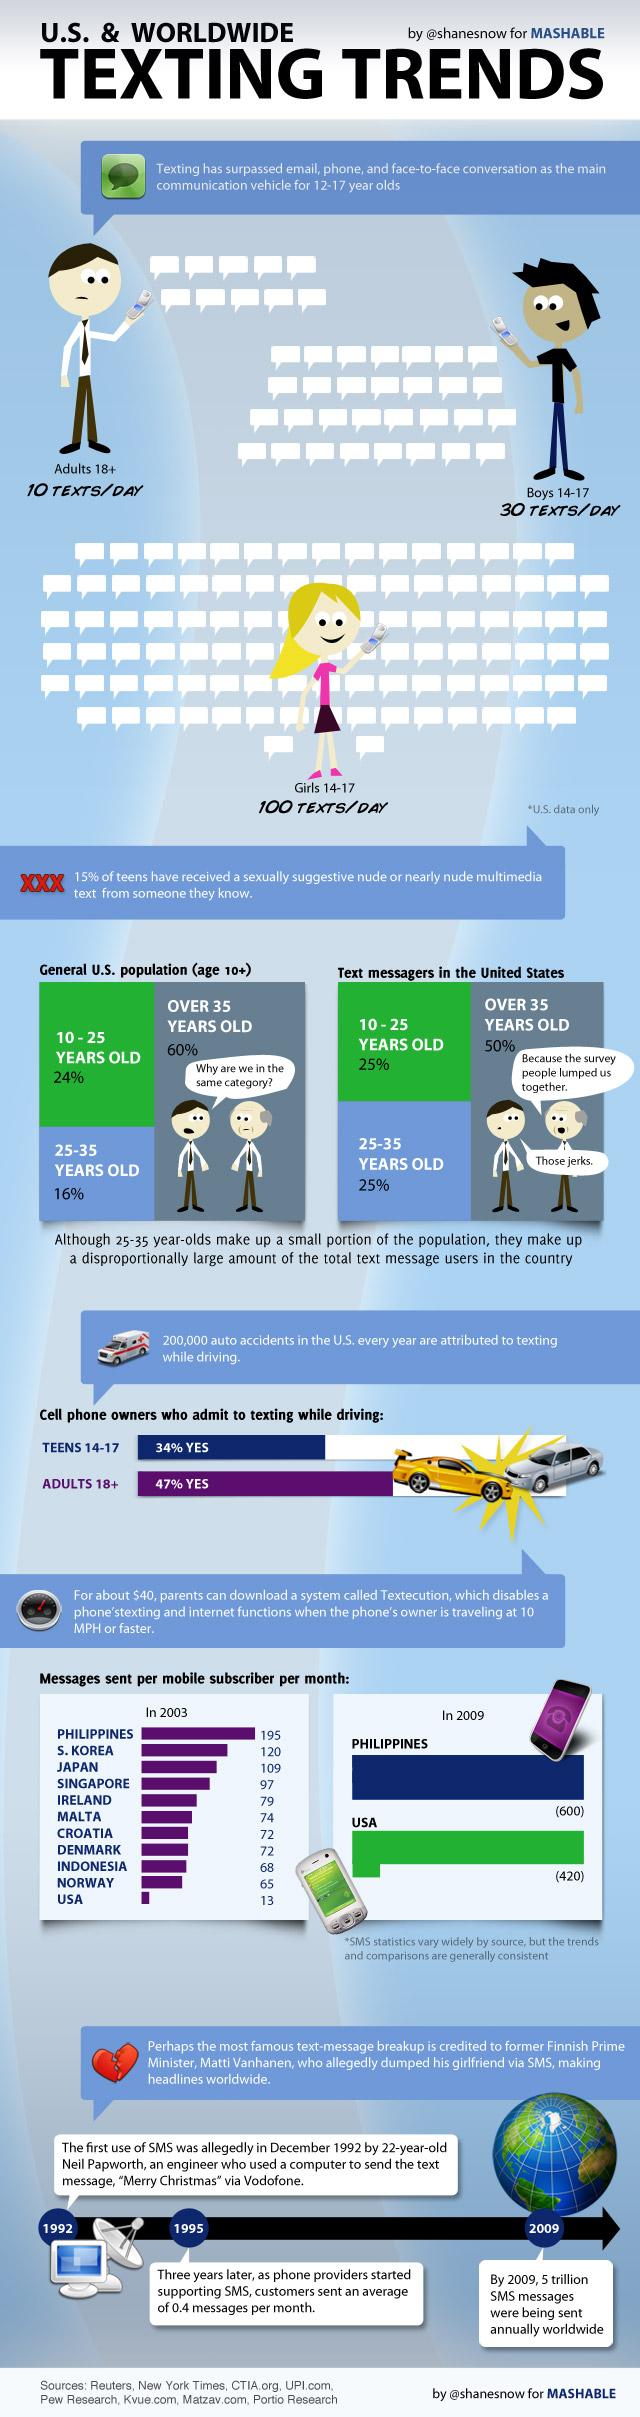 Tendências para o mercado de SMS